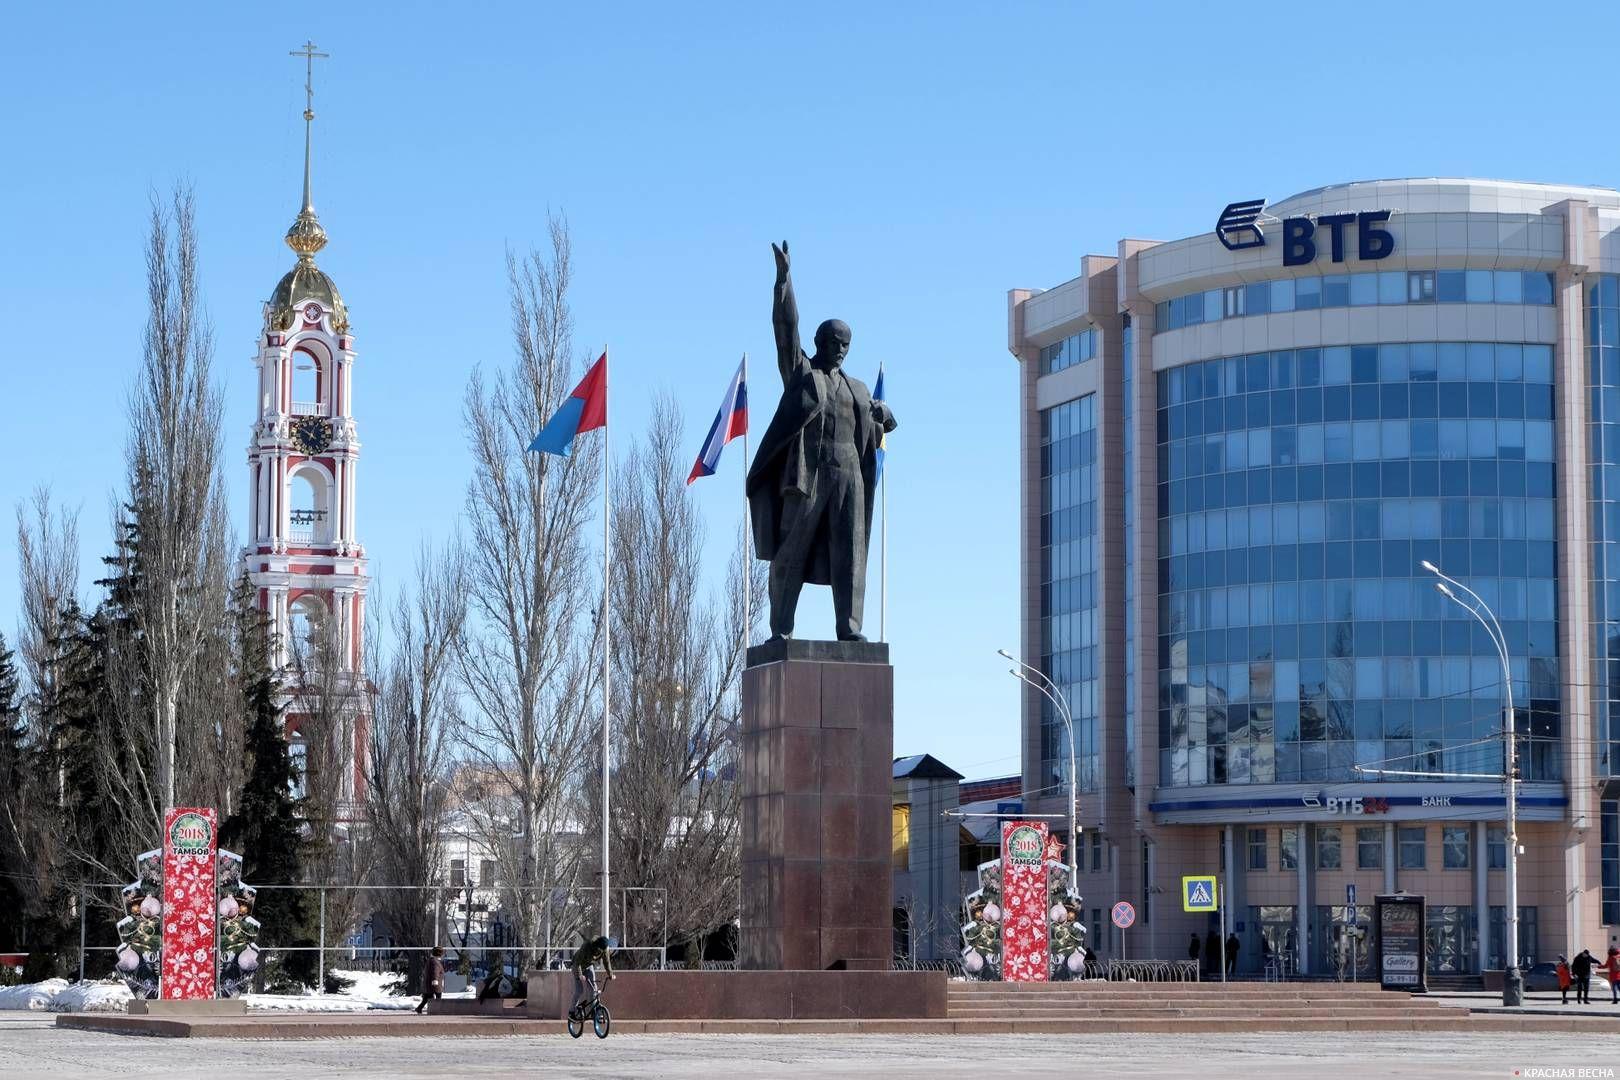 Памятник Ленину. Площадь имени В.И.Ленина. Тамбов